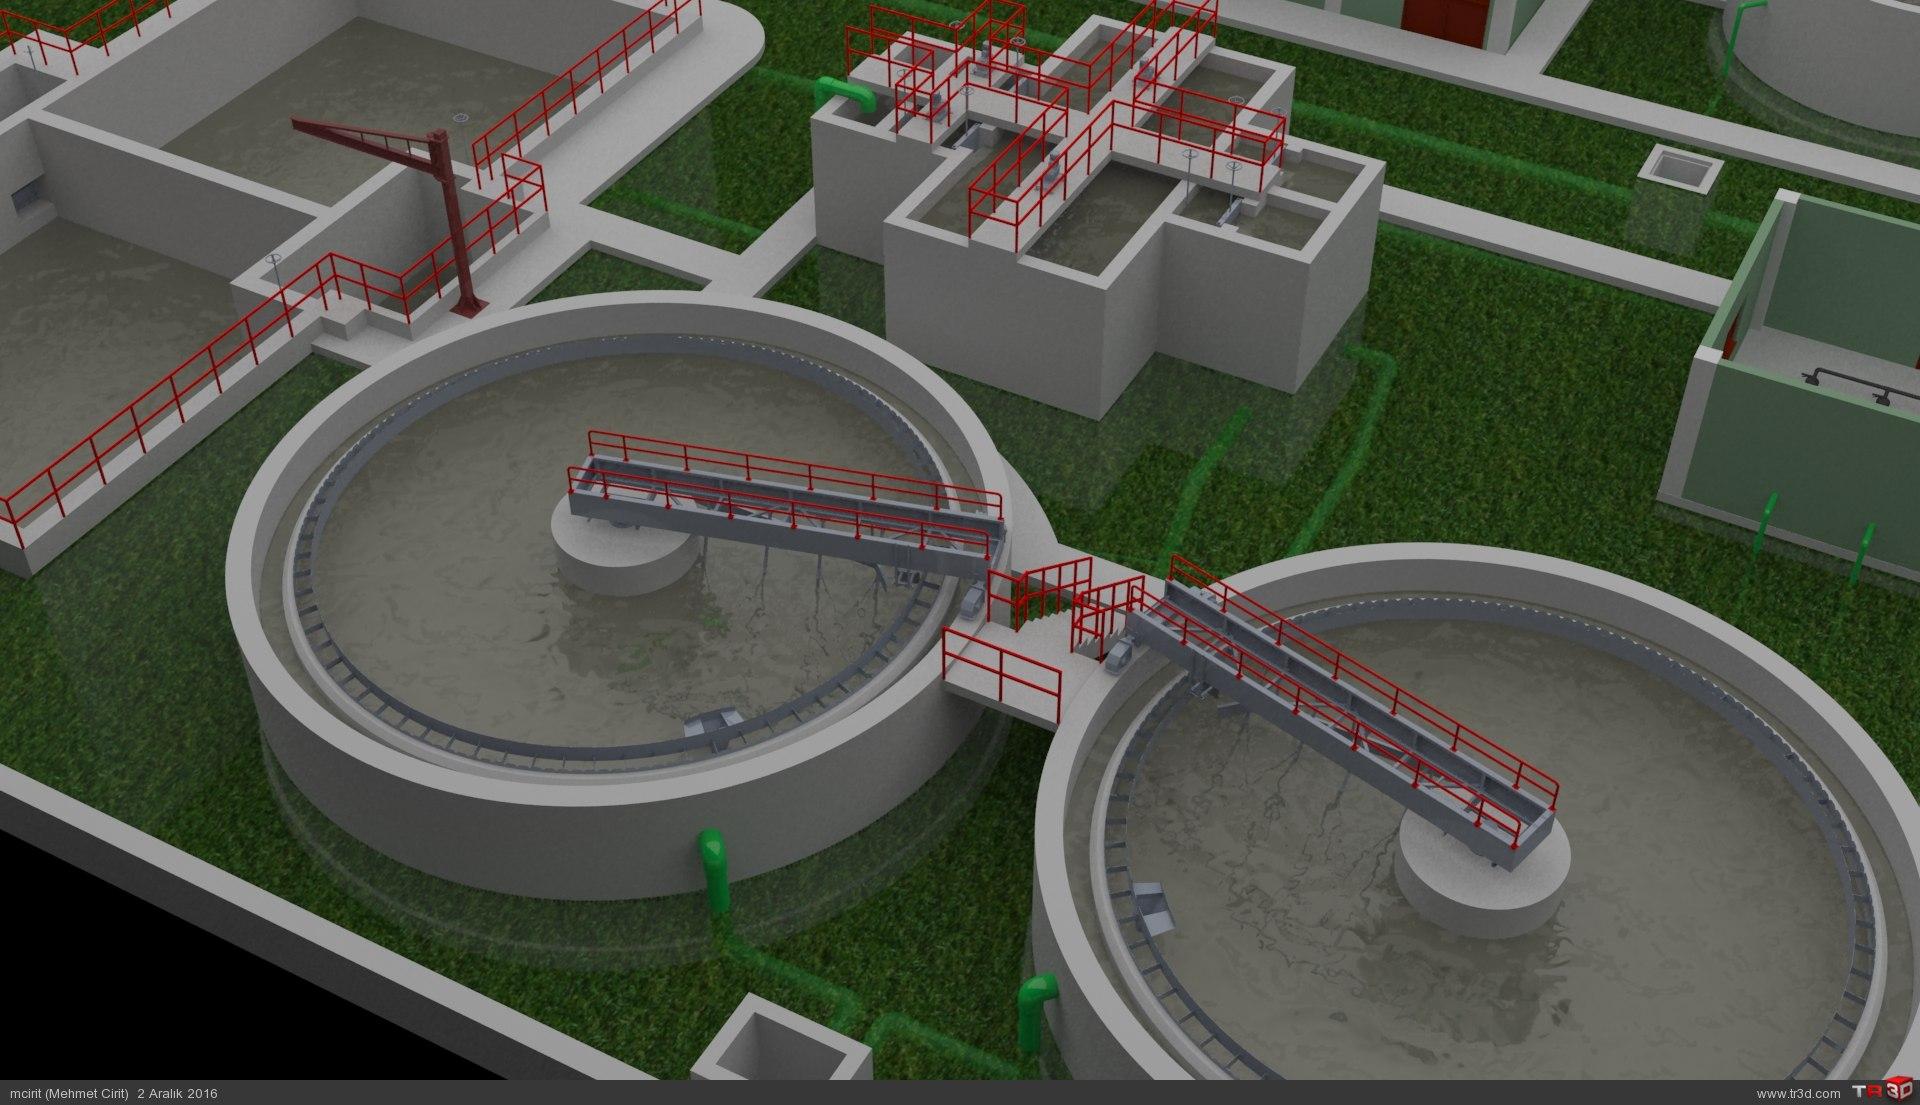 ARC WT Co. Tunçbilek Kömür Suyu Biyolojik, Kimyasal Arıtma Tesisi 4